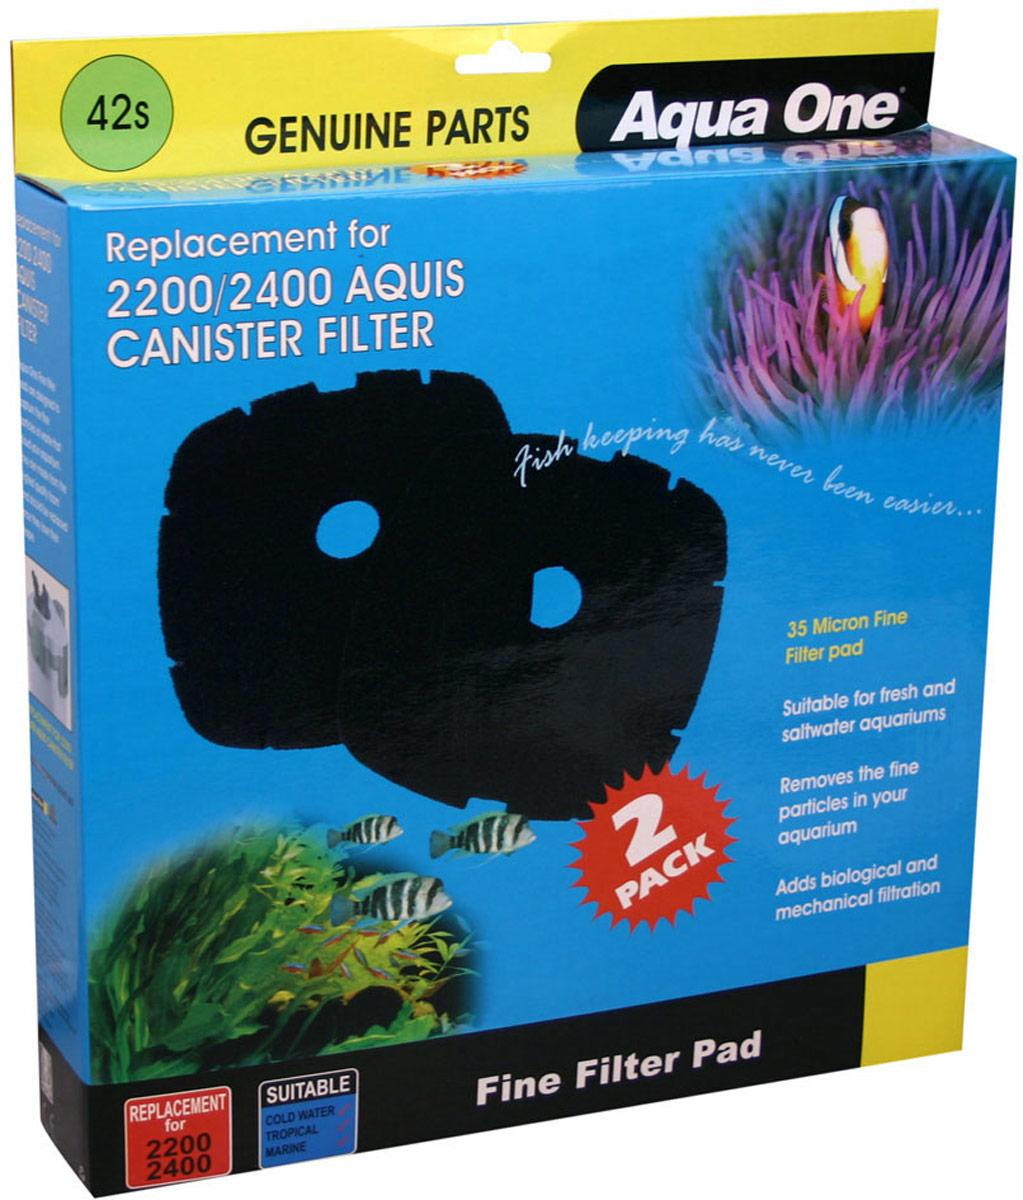 Губка тонкой очистки Aqua One Nautilus 2700, для внешних фильтров, 35 PPI, 2 шт original aspire nautilus 2 coils(5pcs)